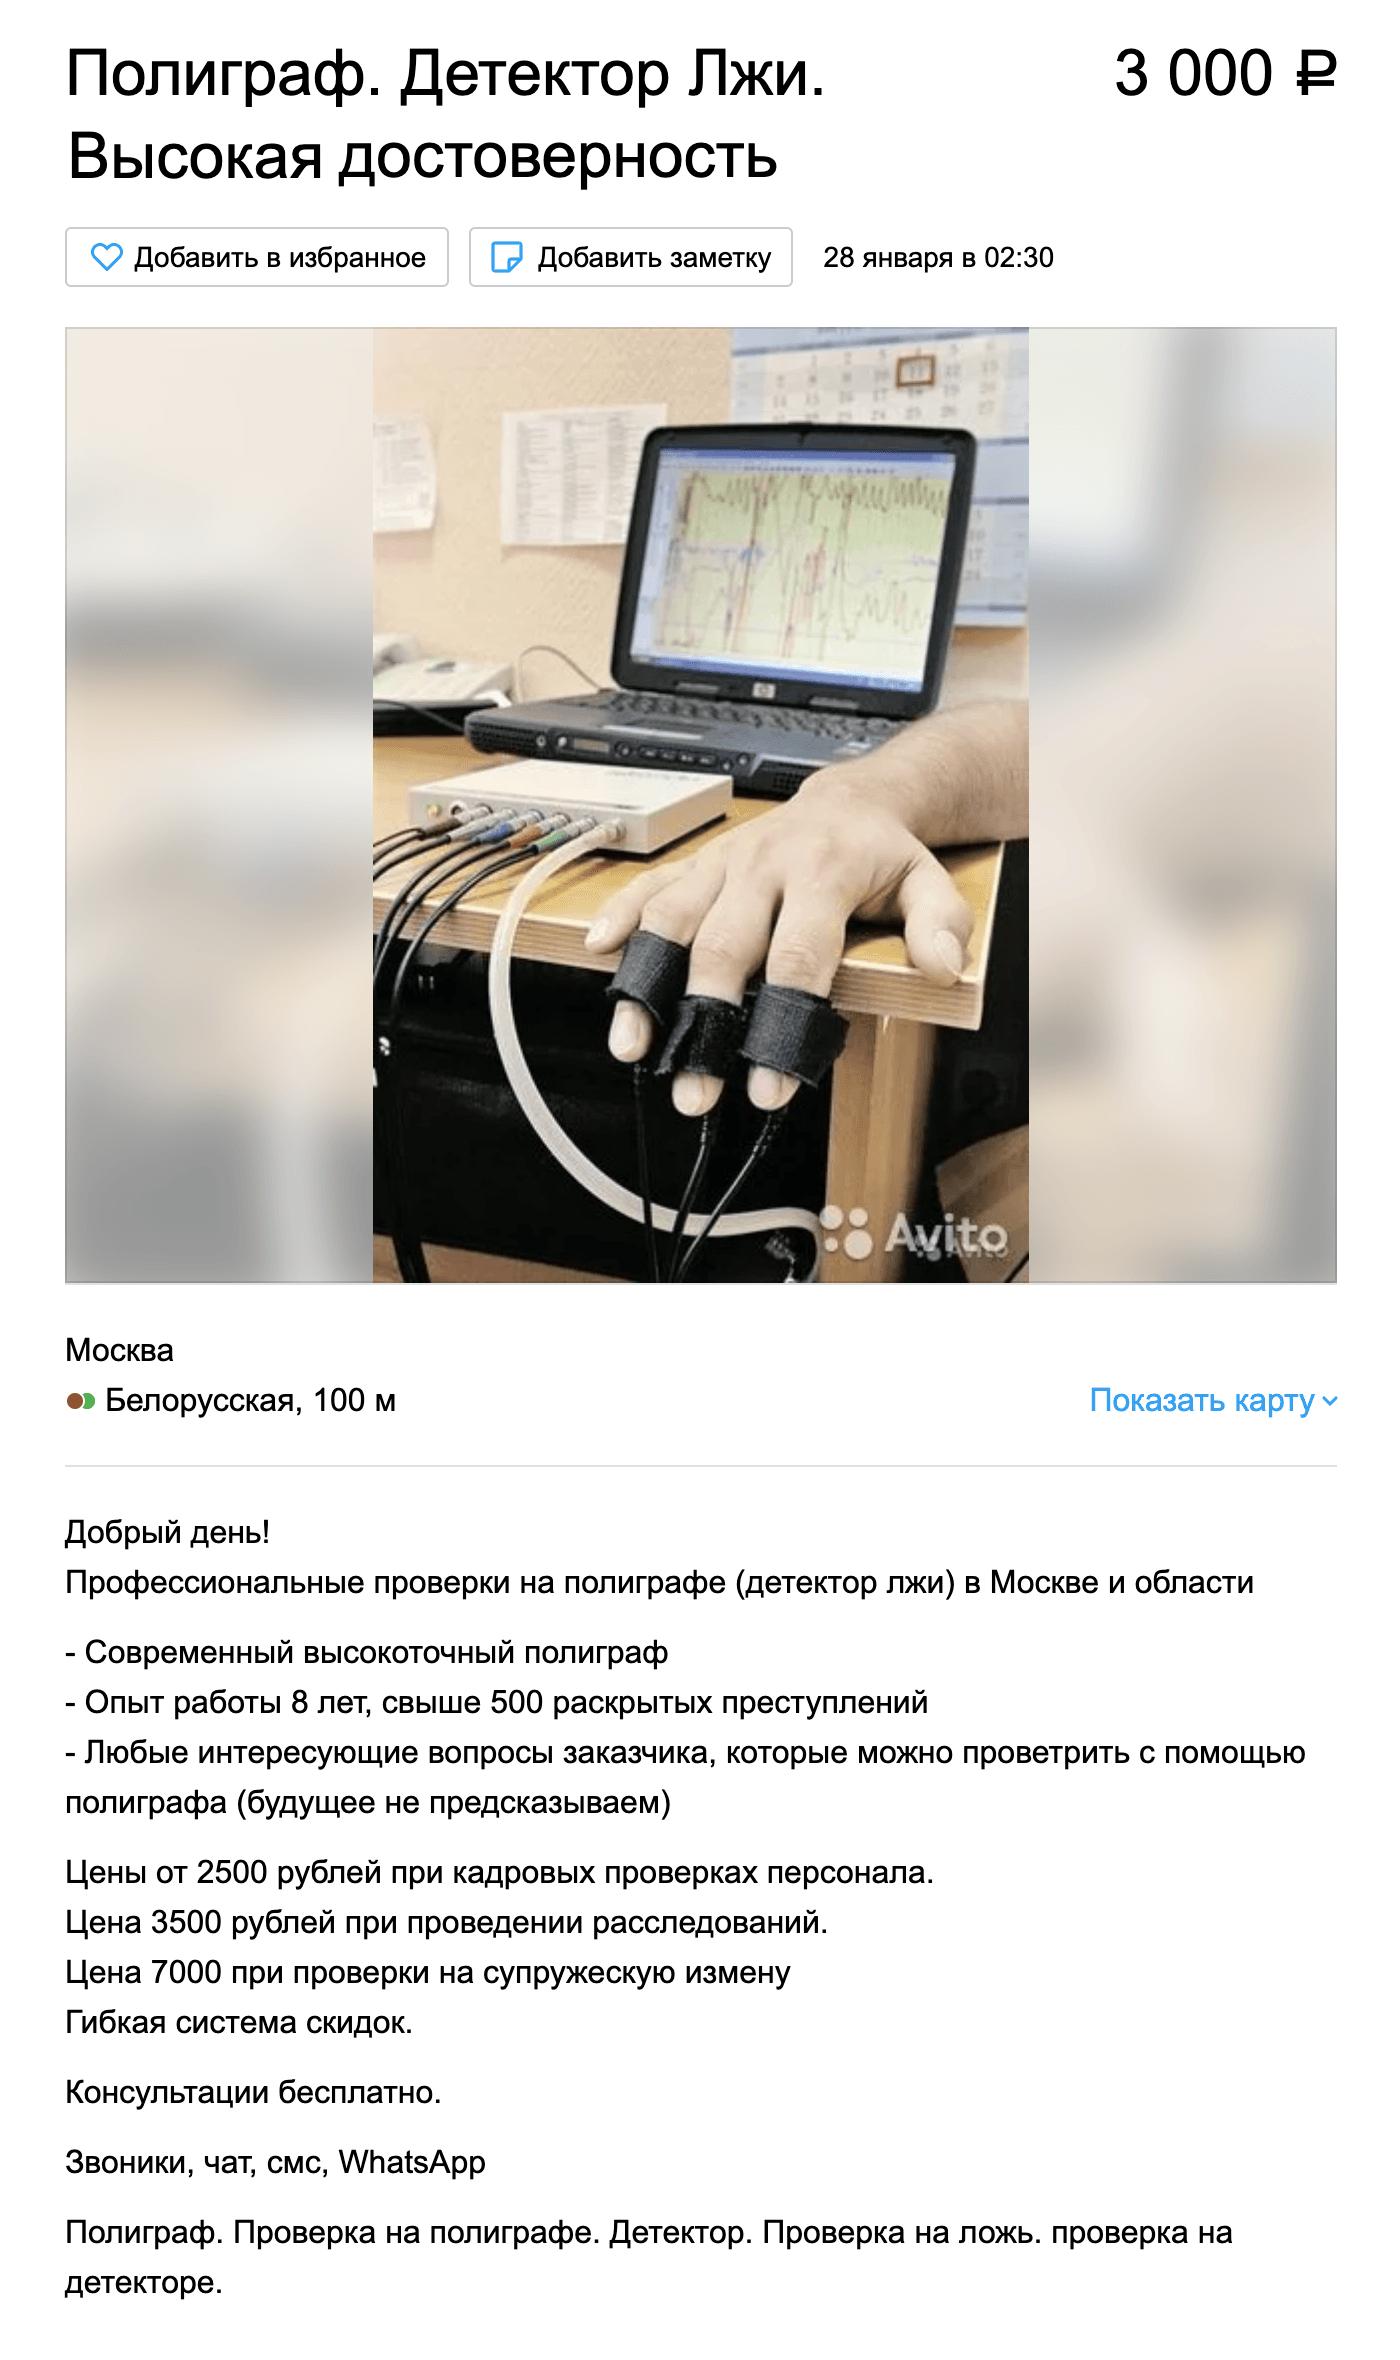 За 2,5 тысячи рублей можно проверить соискателя на полиграфе. Но он не обязан соглашаться, и заставить его нельзя — это дело добровольное